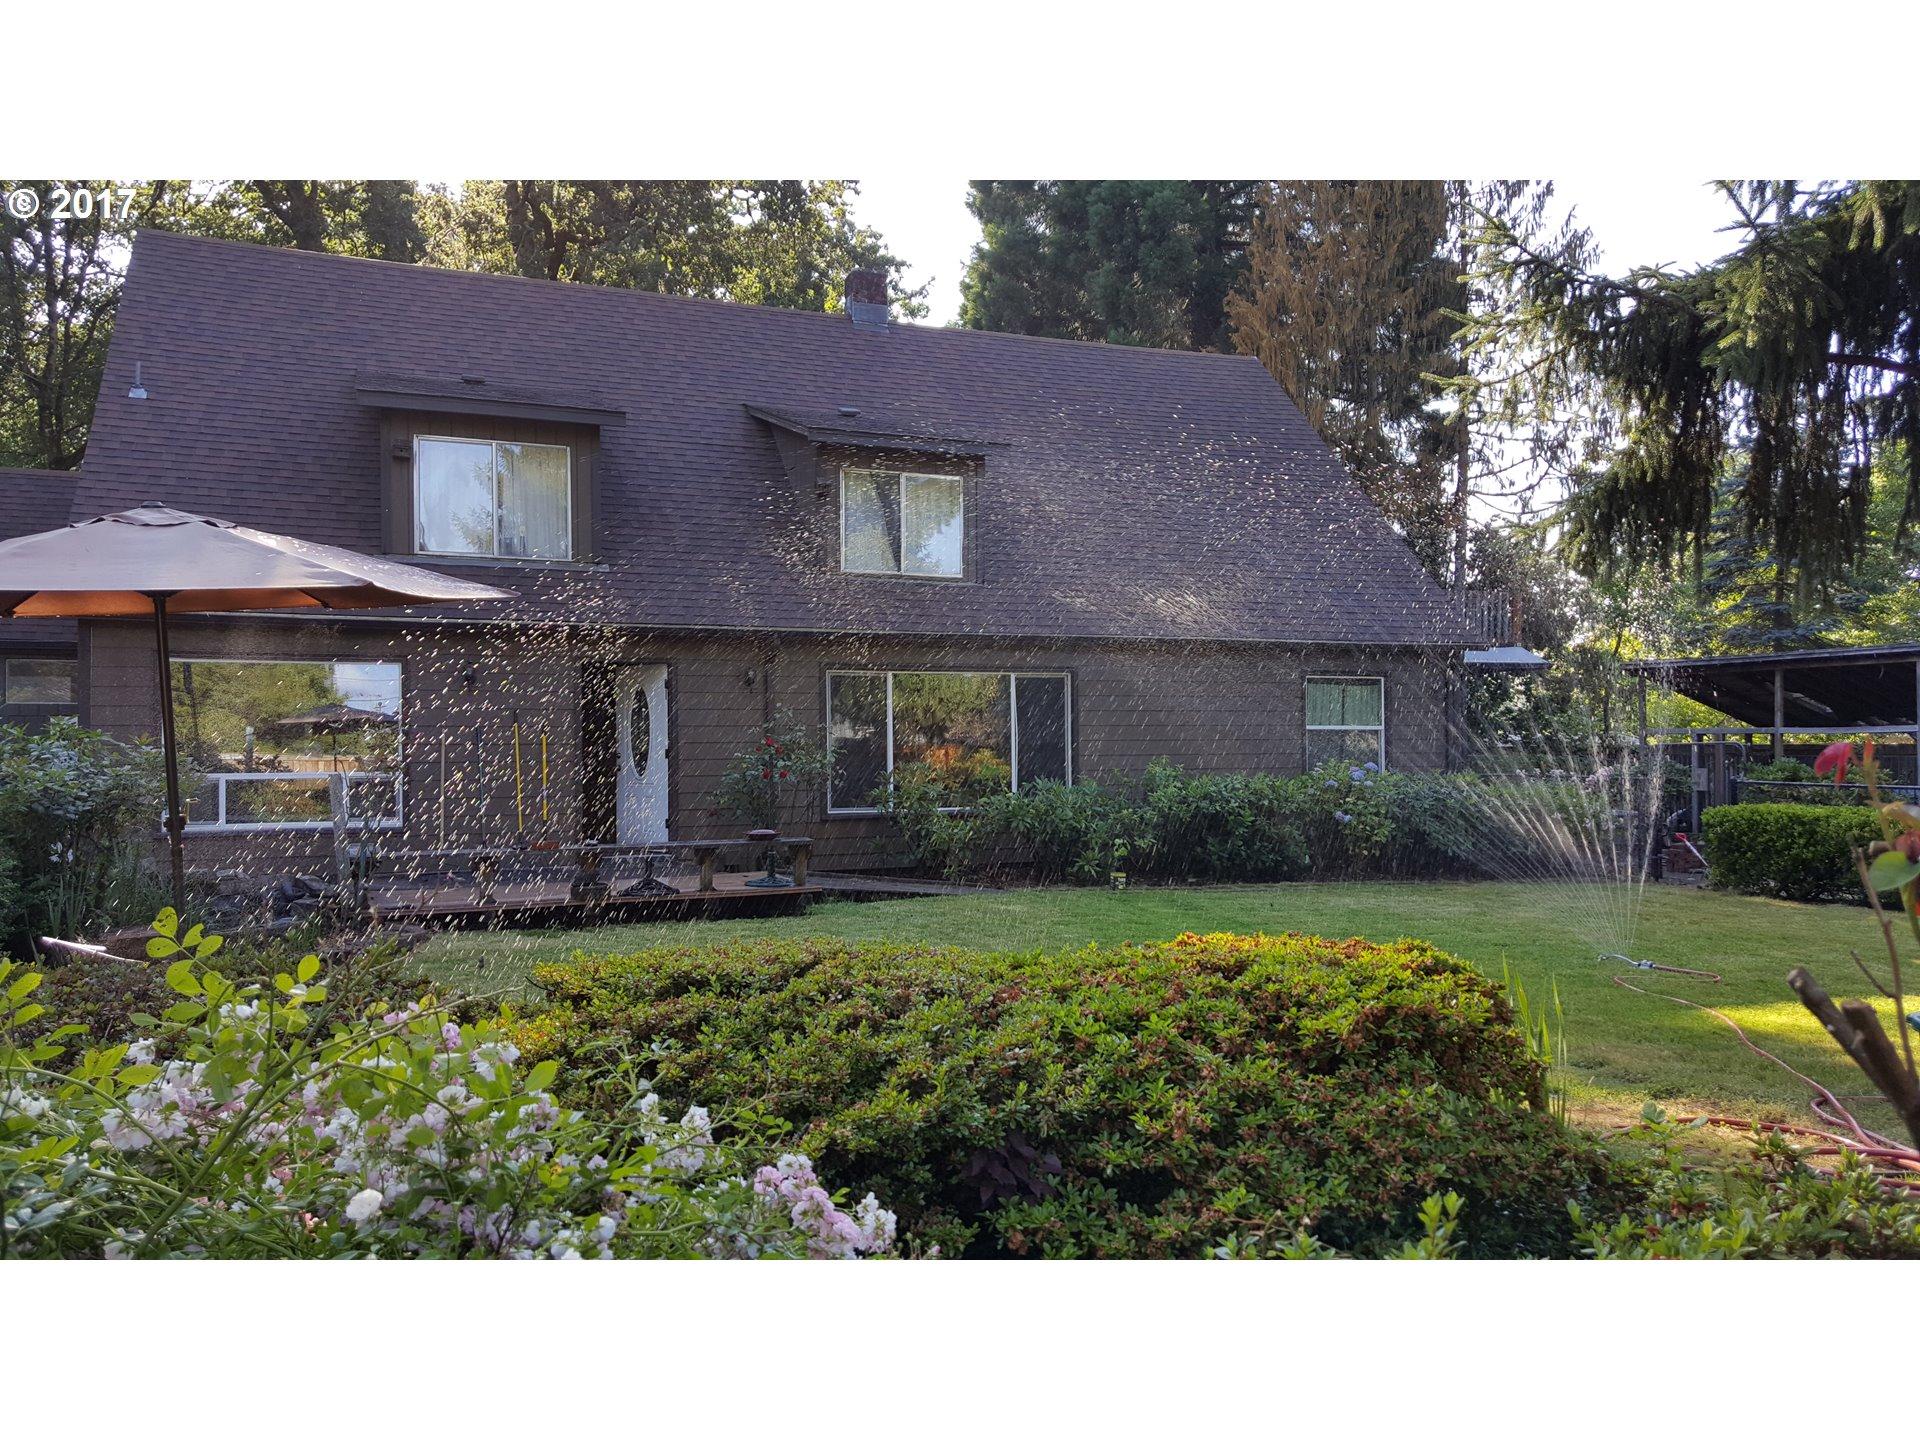 WILLAGILLESPIE RD, Eugene, OR 97401